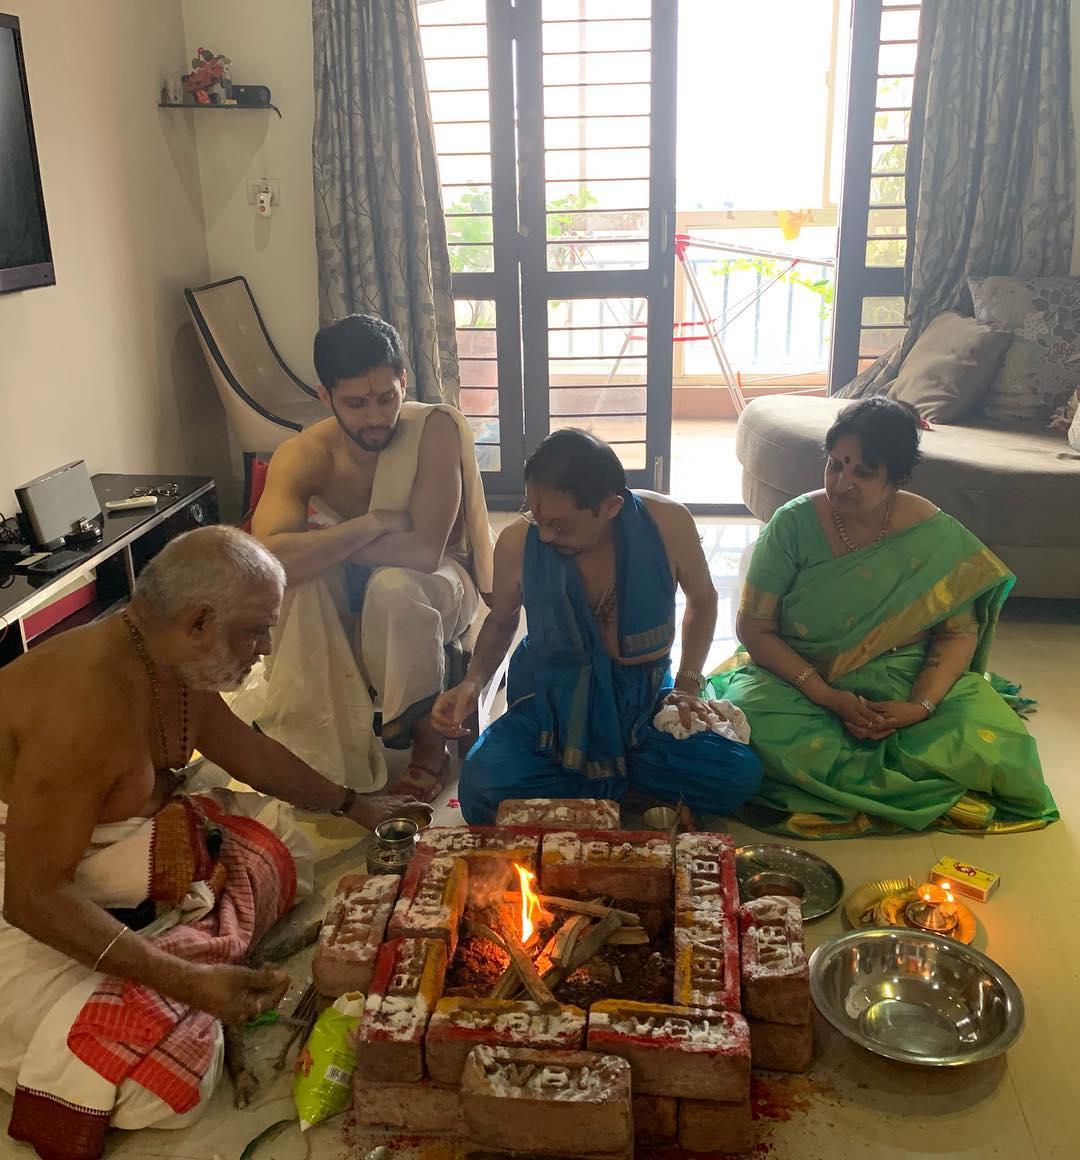 పెళ్లికి ముందు ఒడుకు కార్యక్రమంలో పారుపల్లి కశ్యప్. ( Parupalli kashyap / Instagram )